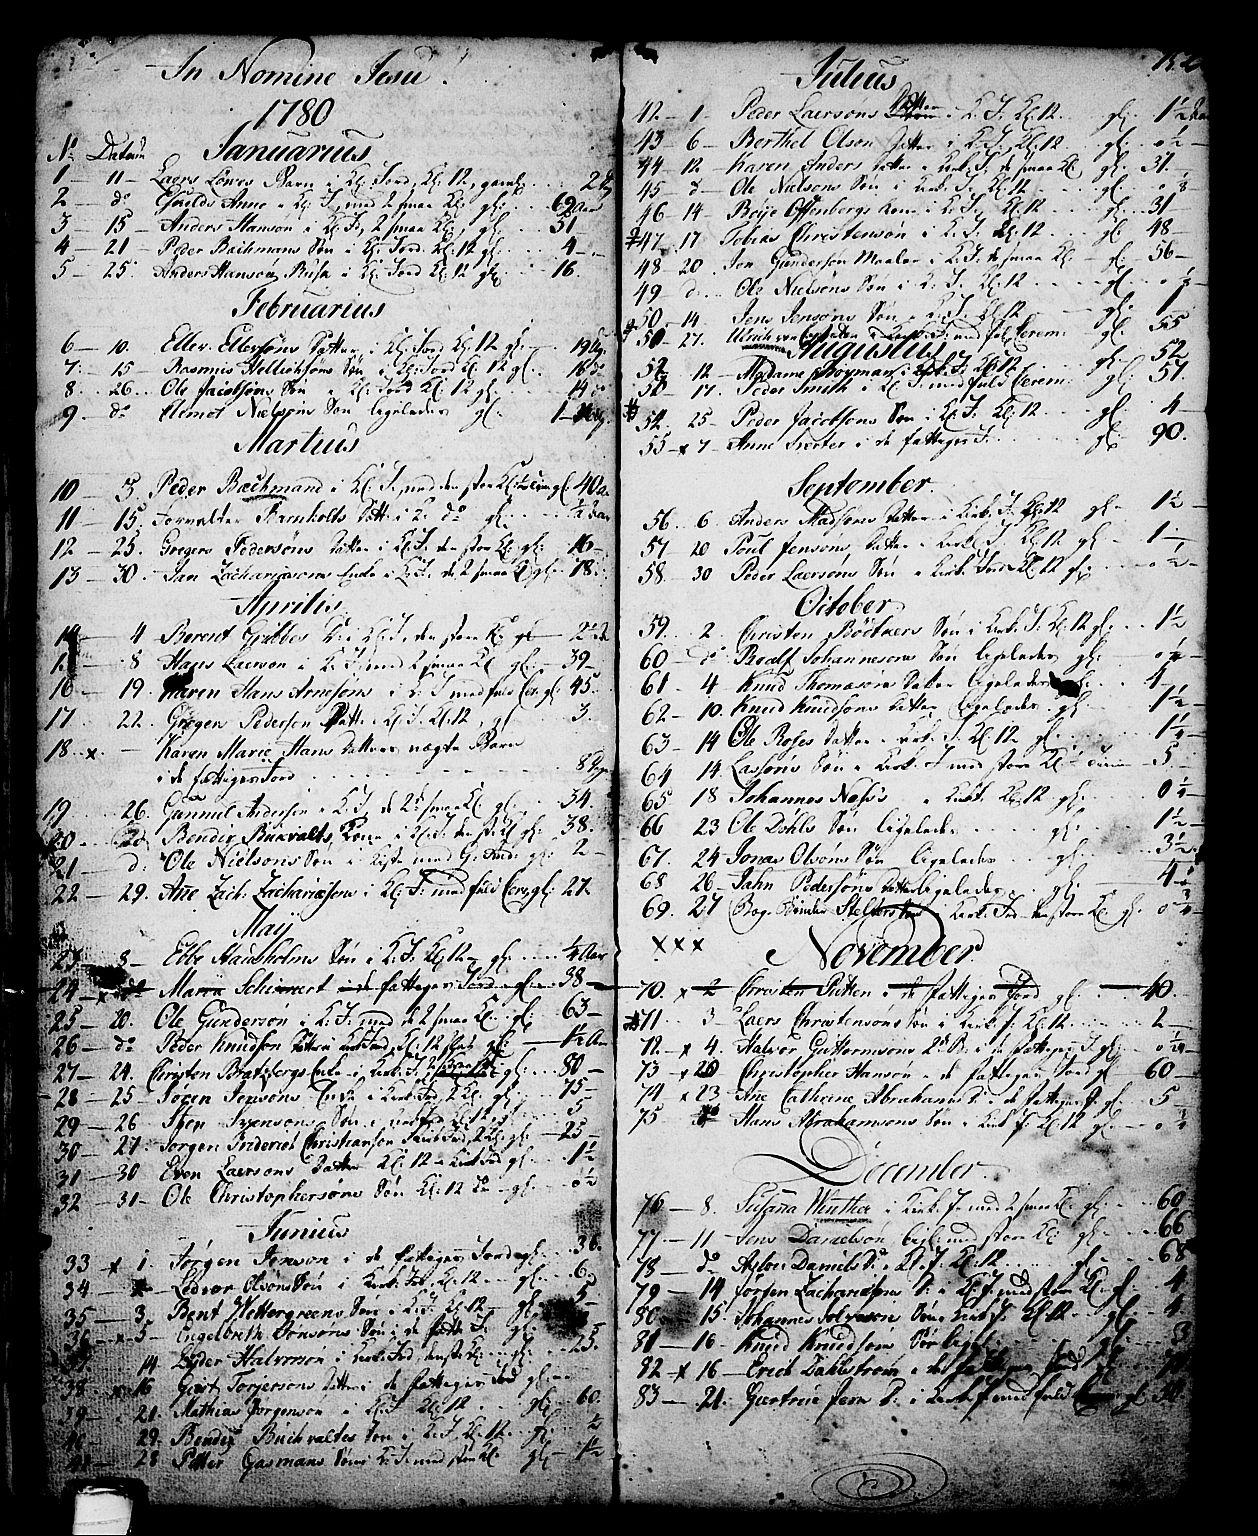 SAKO, Skien kirkebøker, G/Ga/L0001: Klokkerbok nr. 1, 1756-1791, s. 152